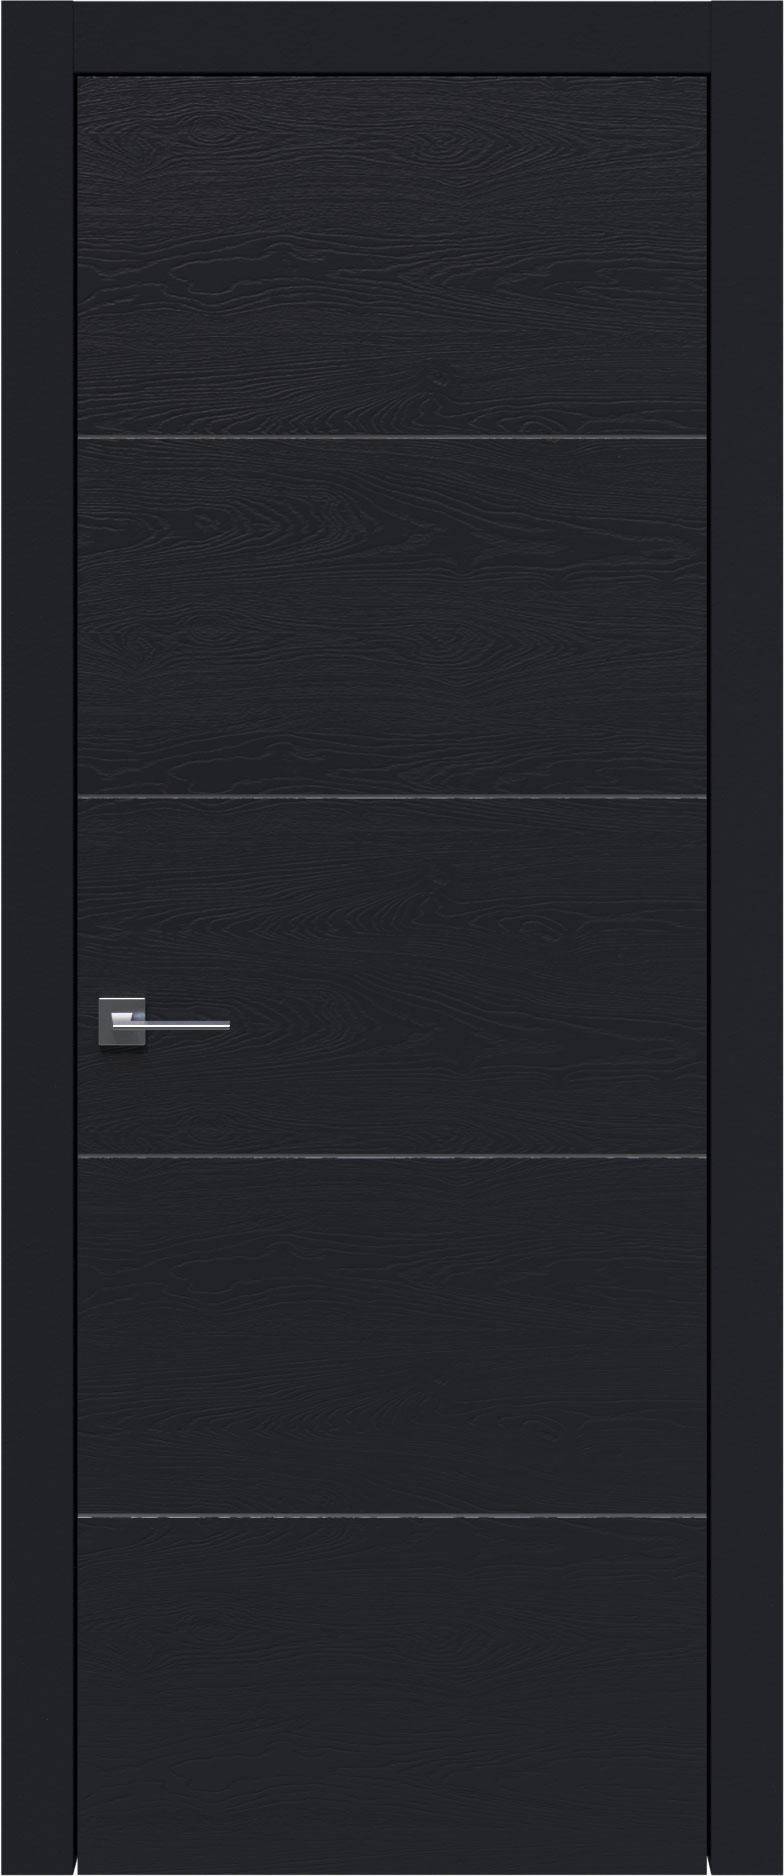 Tivoli Д-3 цвет - Черная эмаль по шпону (RAL 9004) Без стекла (ДГ)